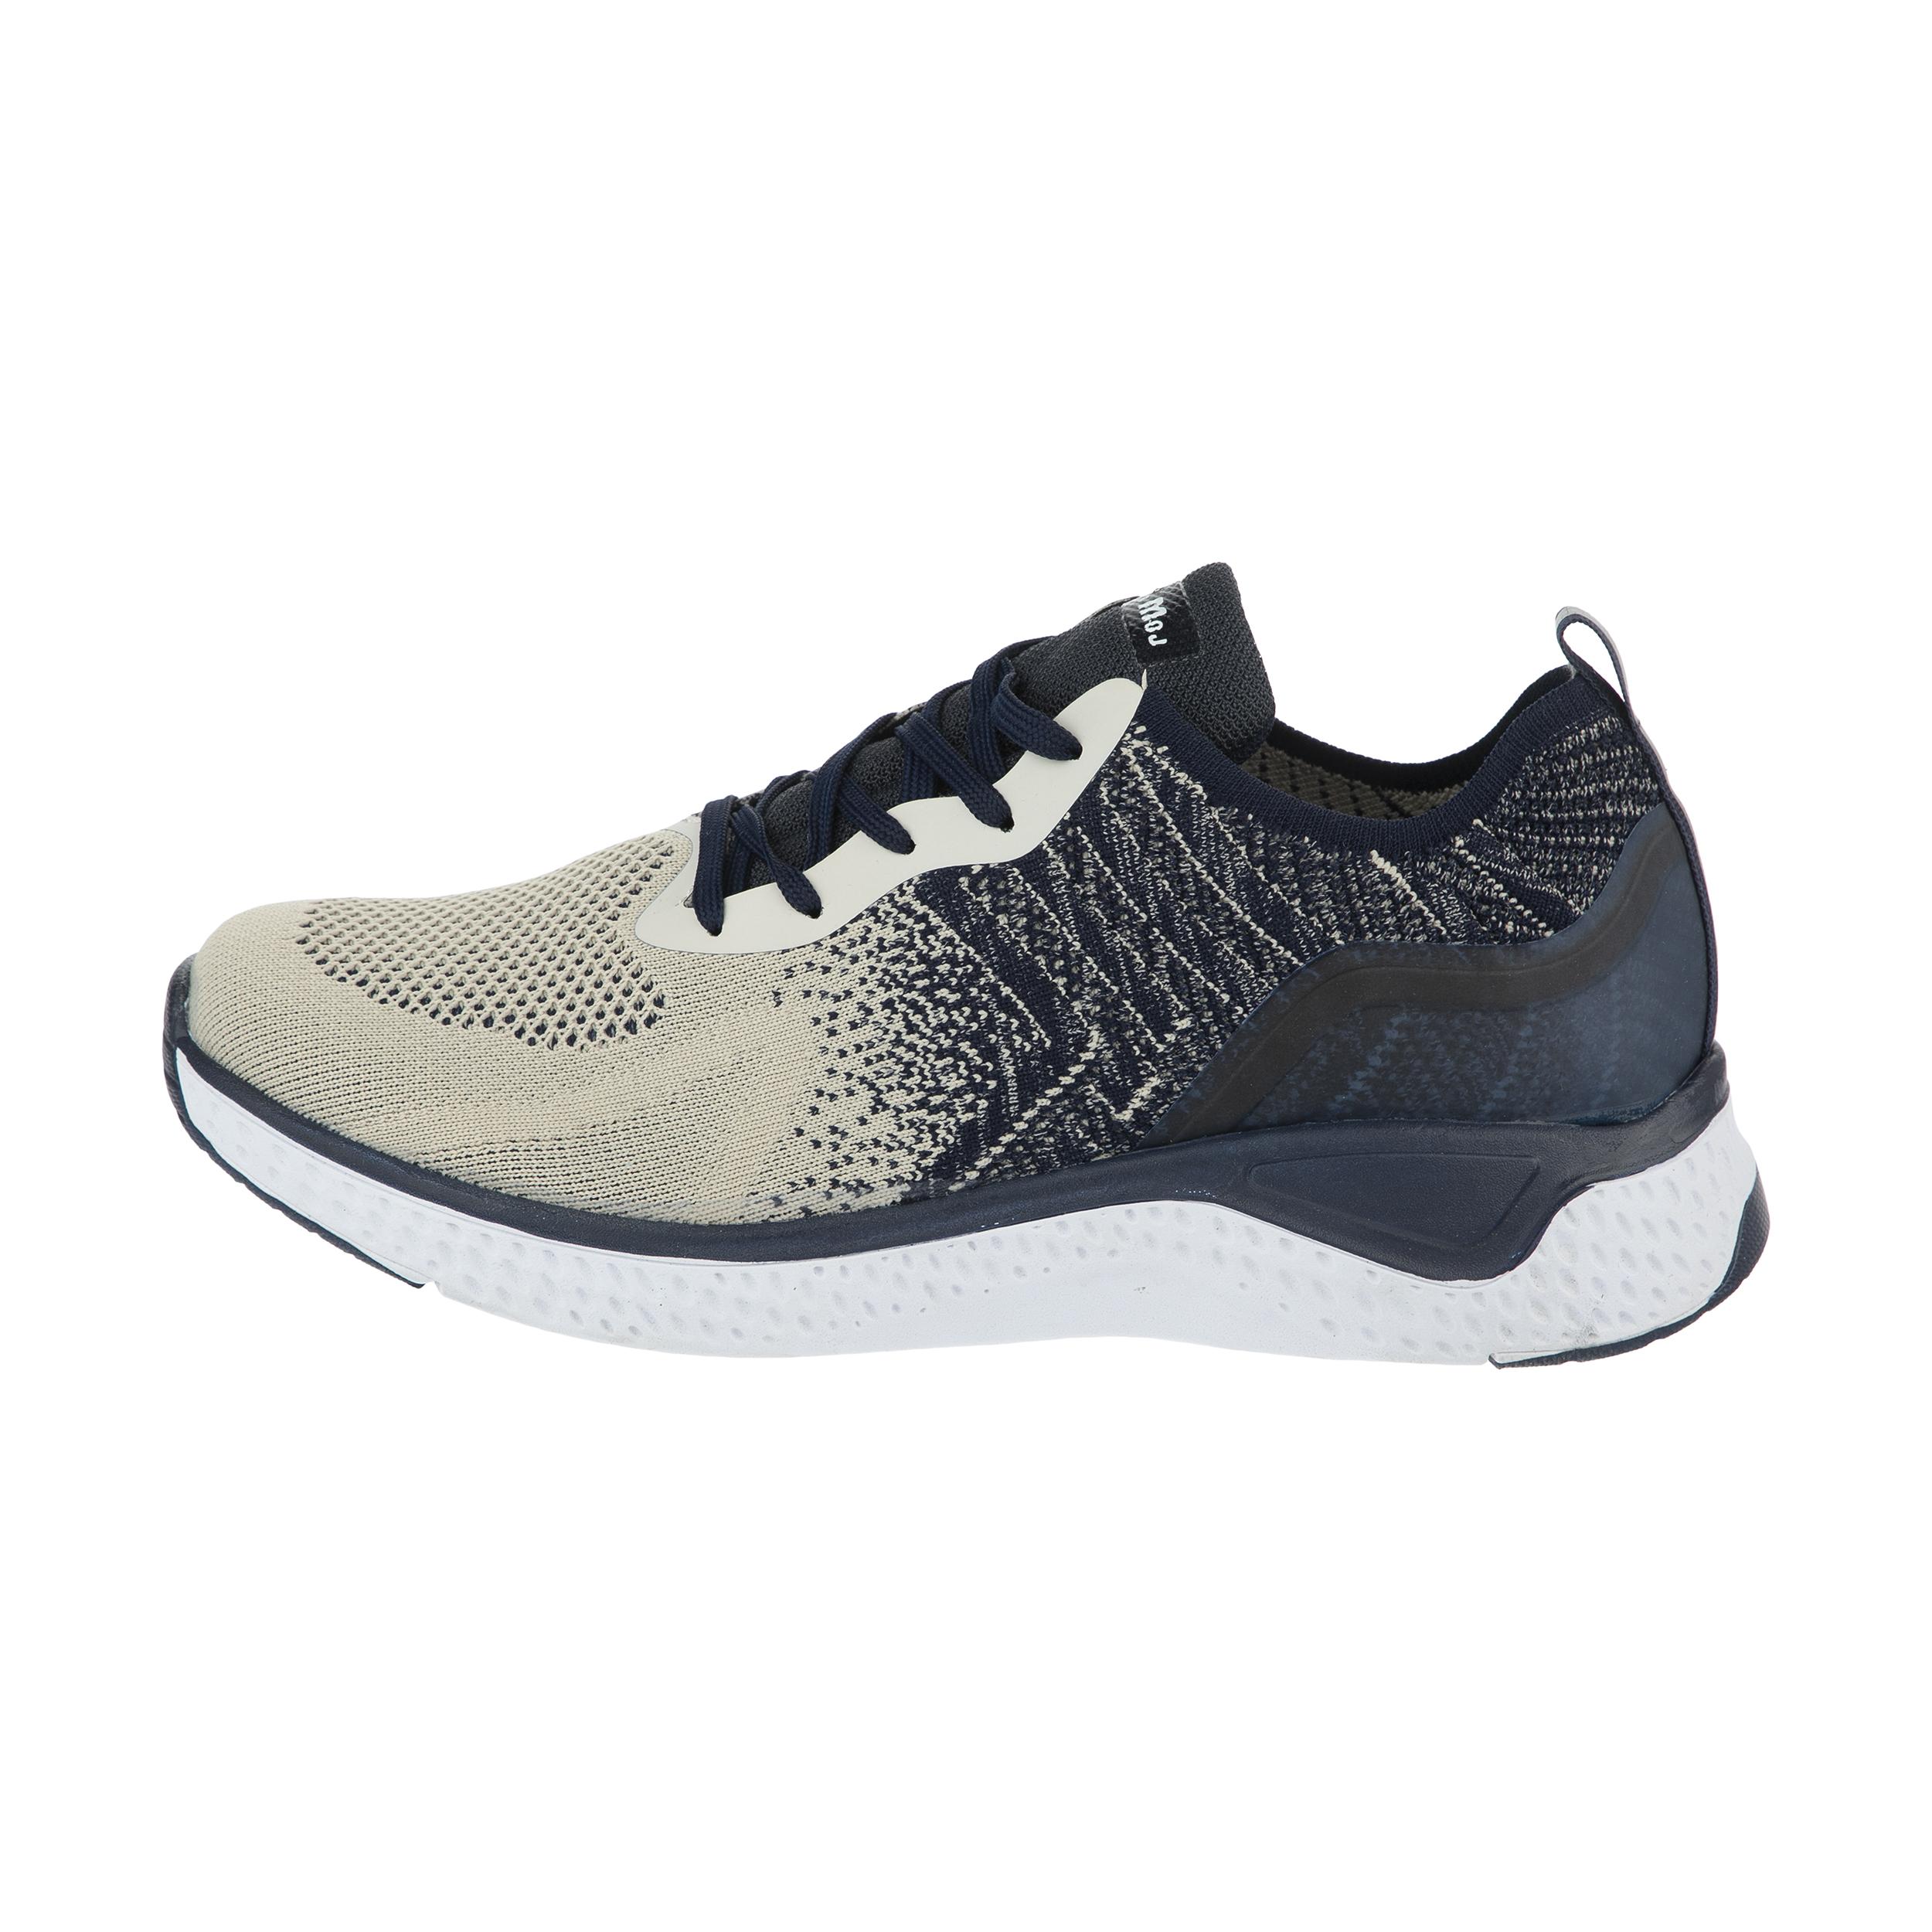 e296 کفش پیاده روی مردانه مل اند موژ مدل 1020-22-400